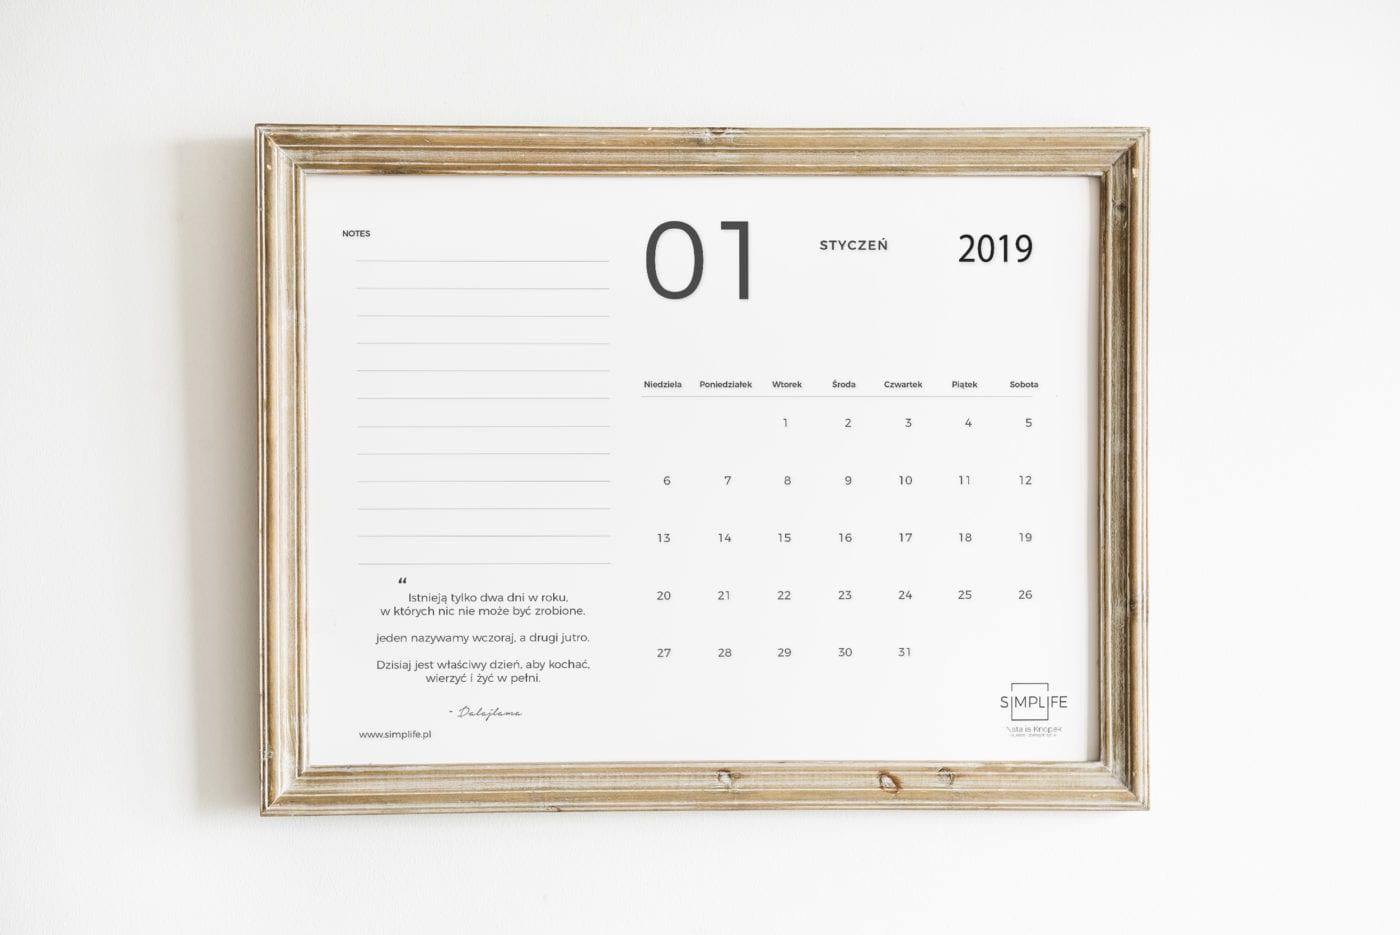 Kalendarz 2019 Do Pobrania I Druku Każdy Miesiąc Z Inspirującym